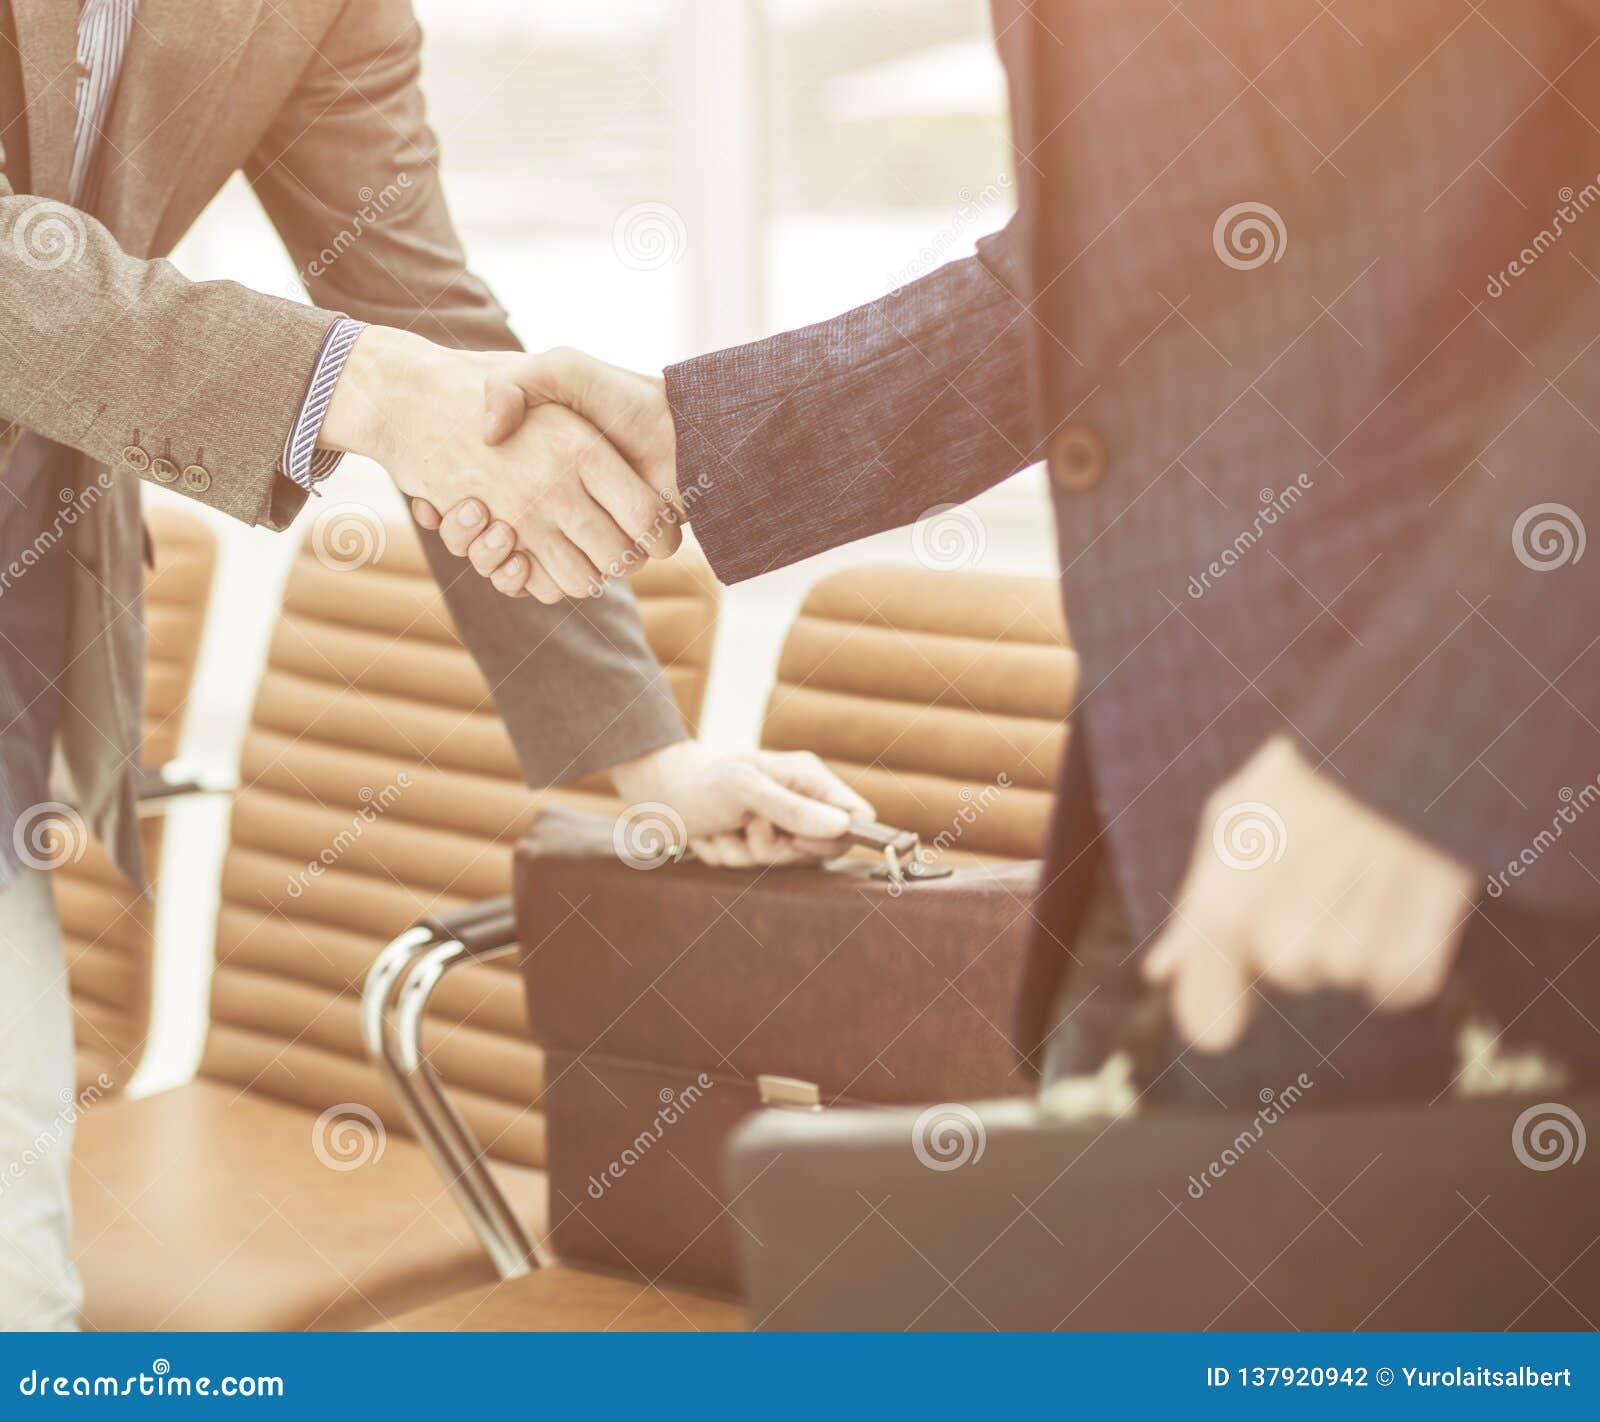 公司的雇员与握手在一个现代办公室的大厅的公文包的